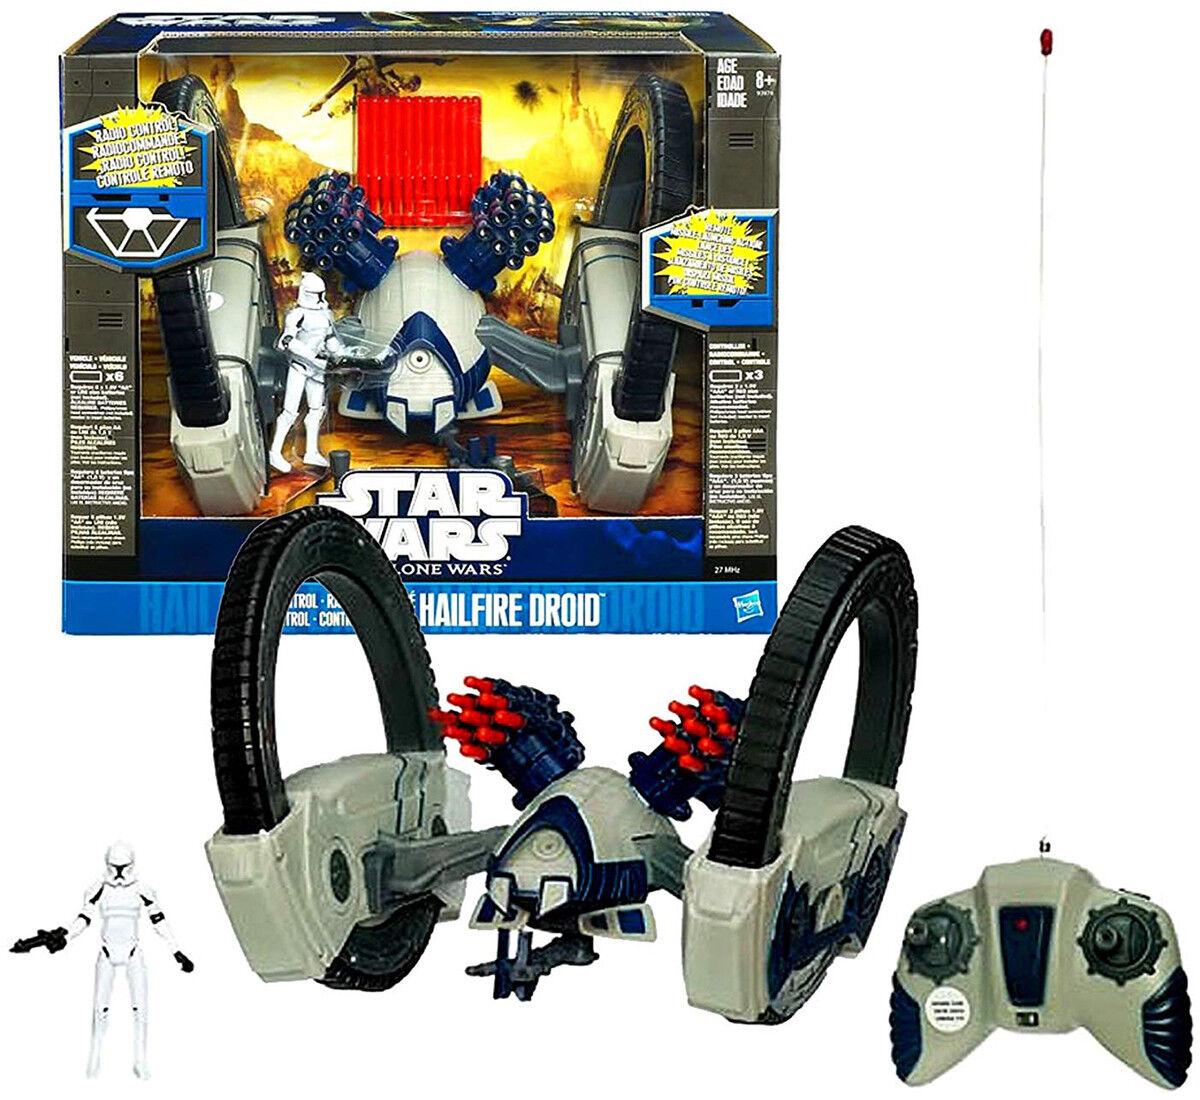 Star Wars - RADIO CONTROL HAILFIRE DROID - Hasbro Hasbro Hasbro - Nuovo, scontato per sgombero  comprar descuentos